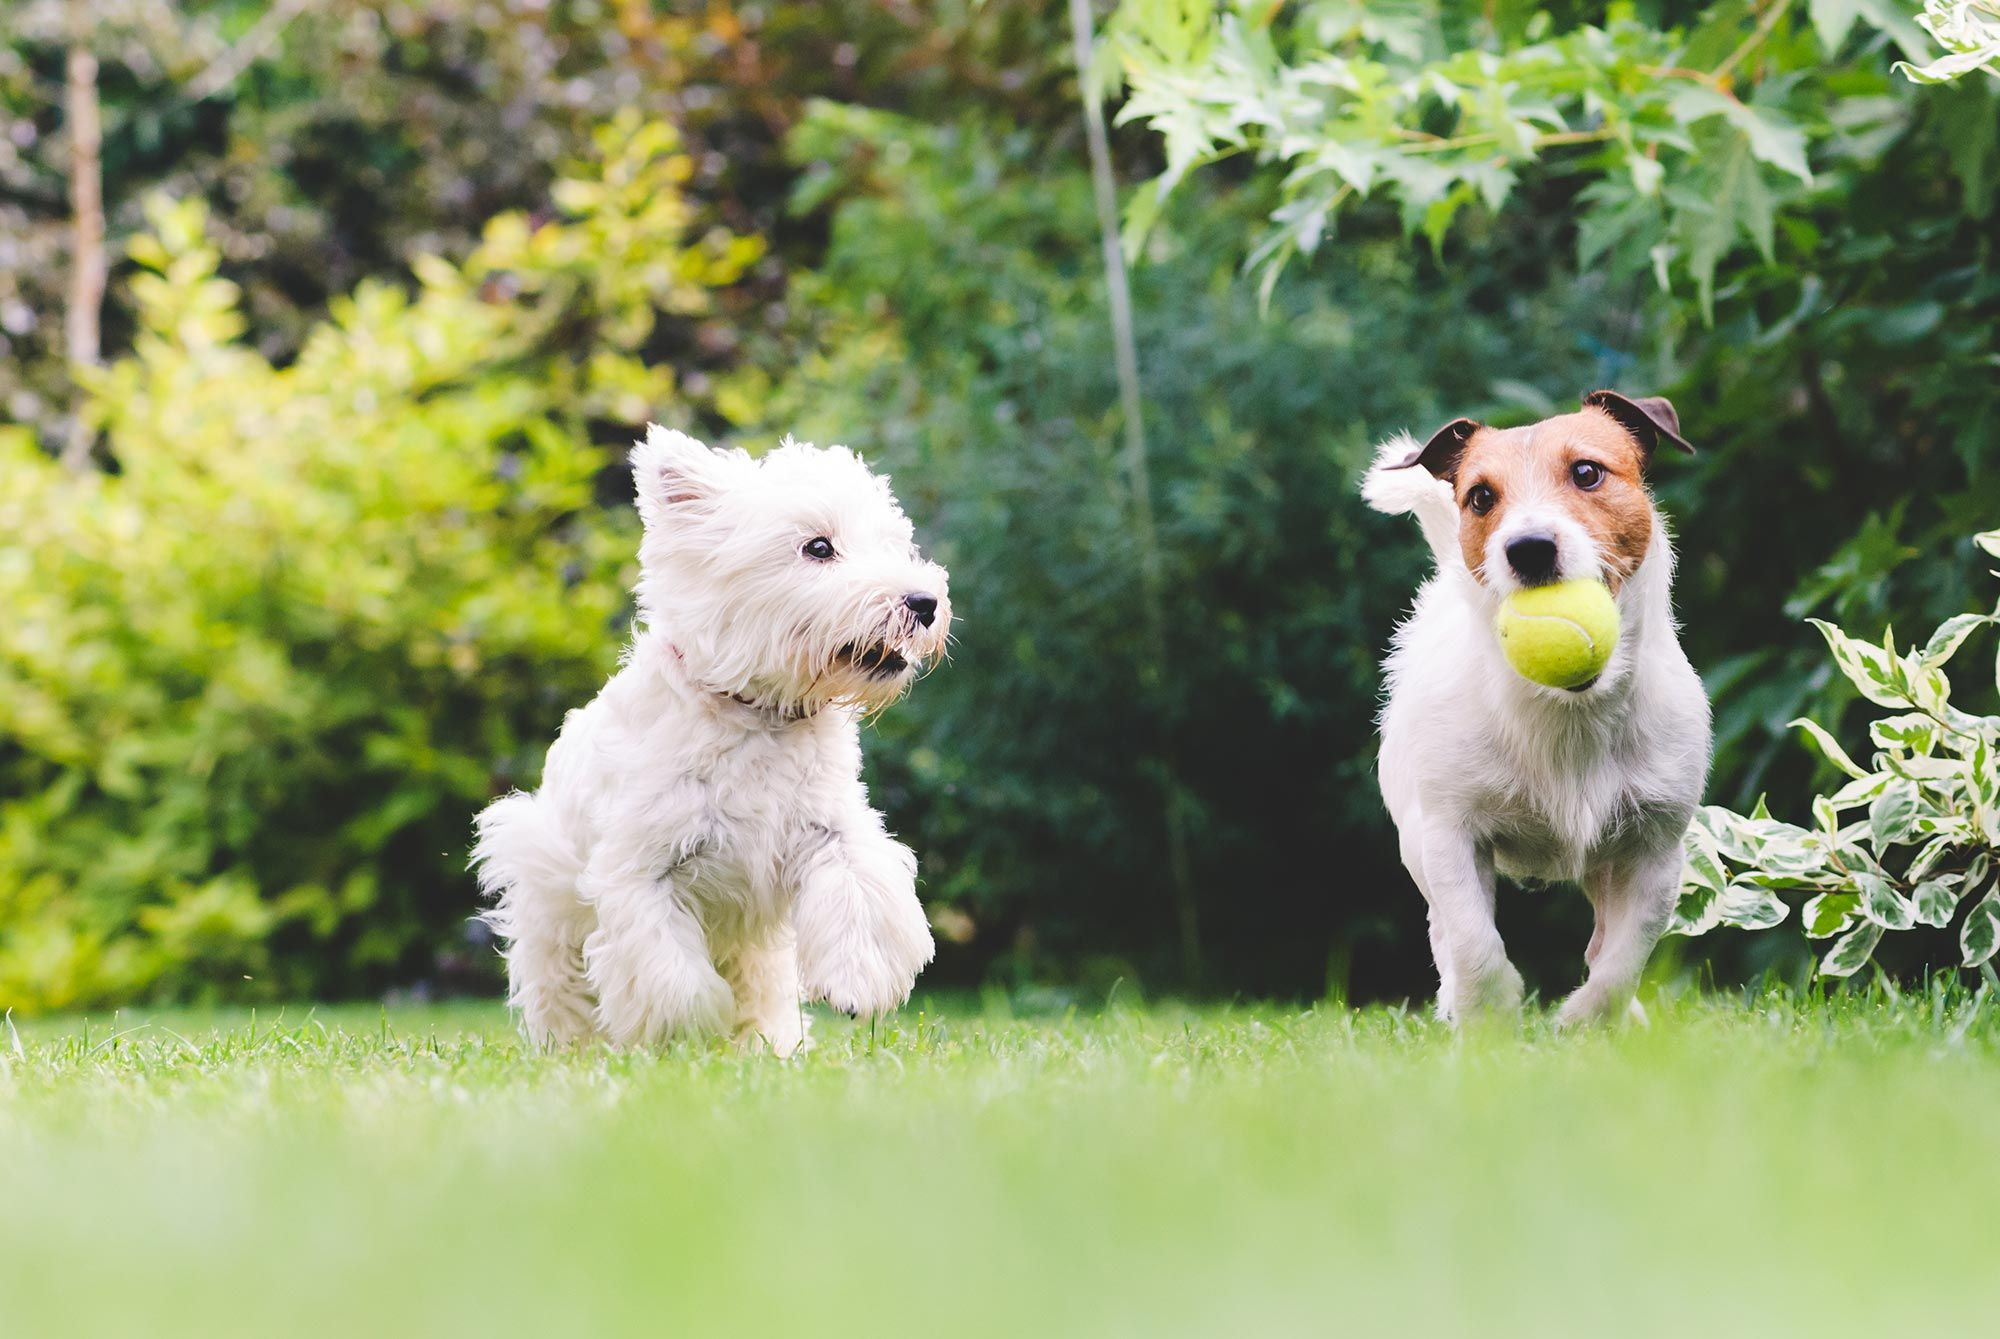 mascotas perros juego pelota